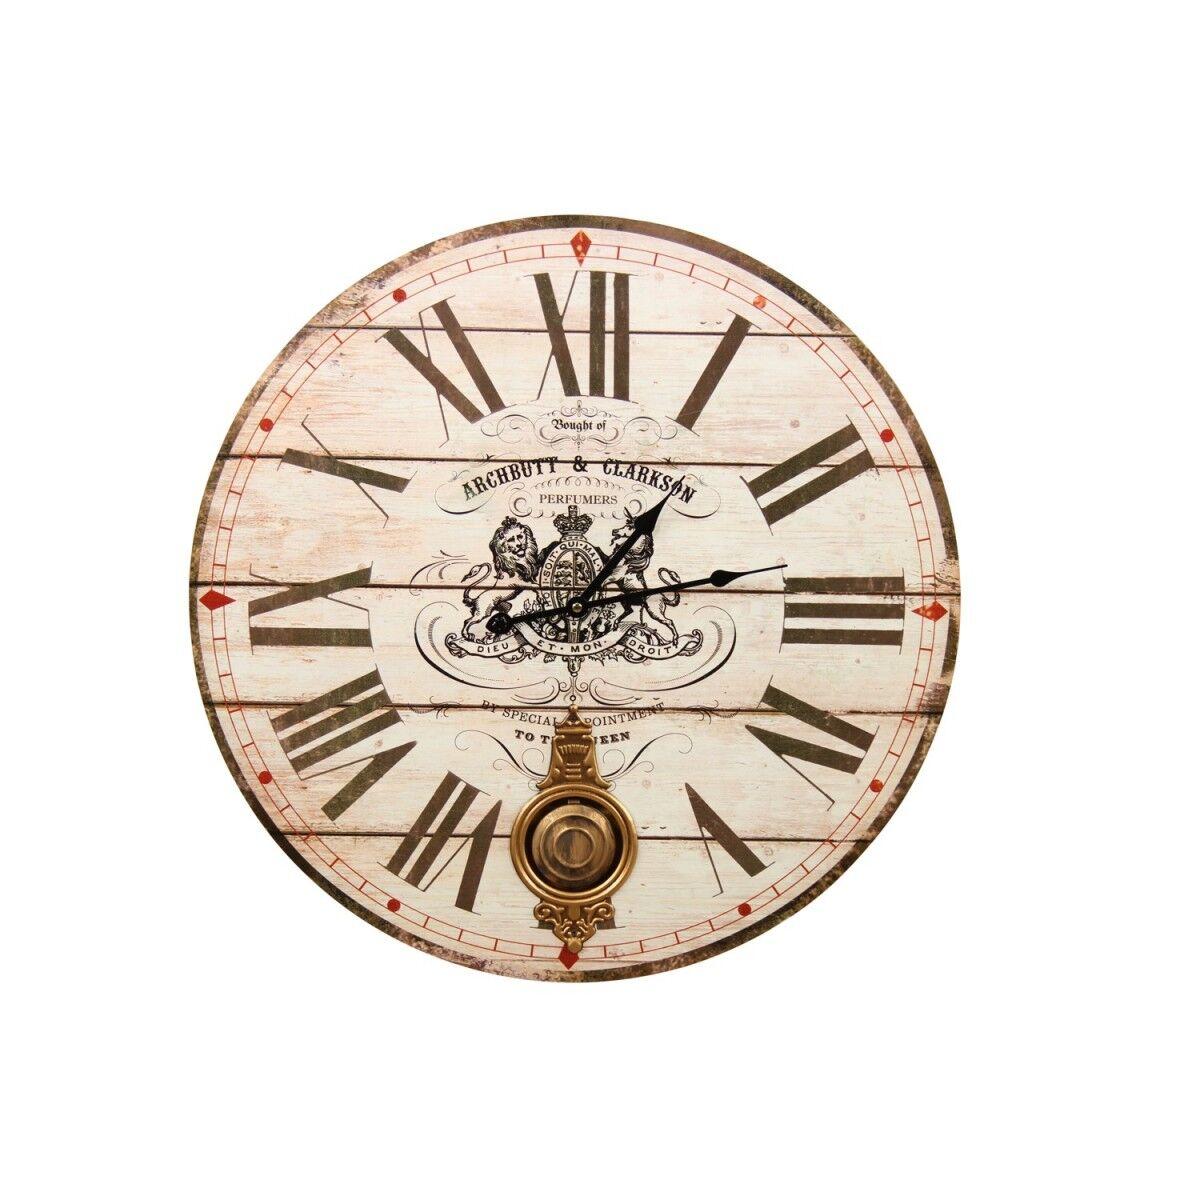 Horloge Ancienne Balancier Archbutt & Clarkson 58cm - Bois - Blanc